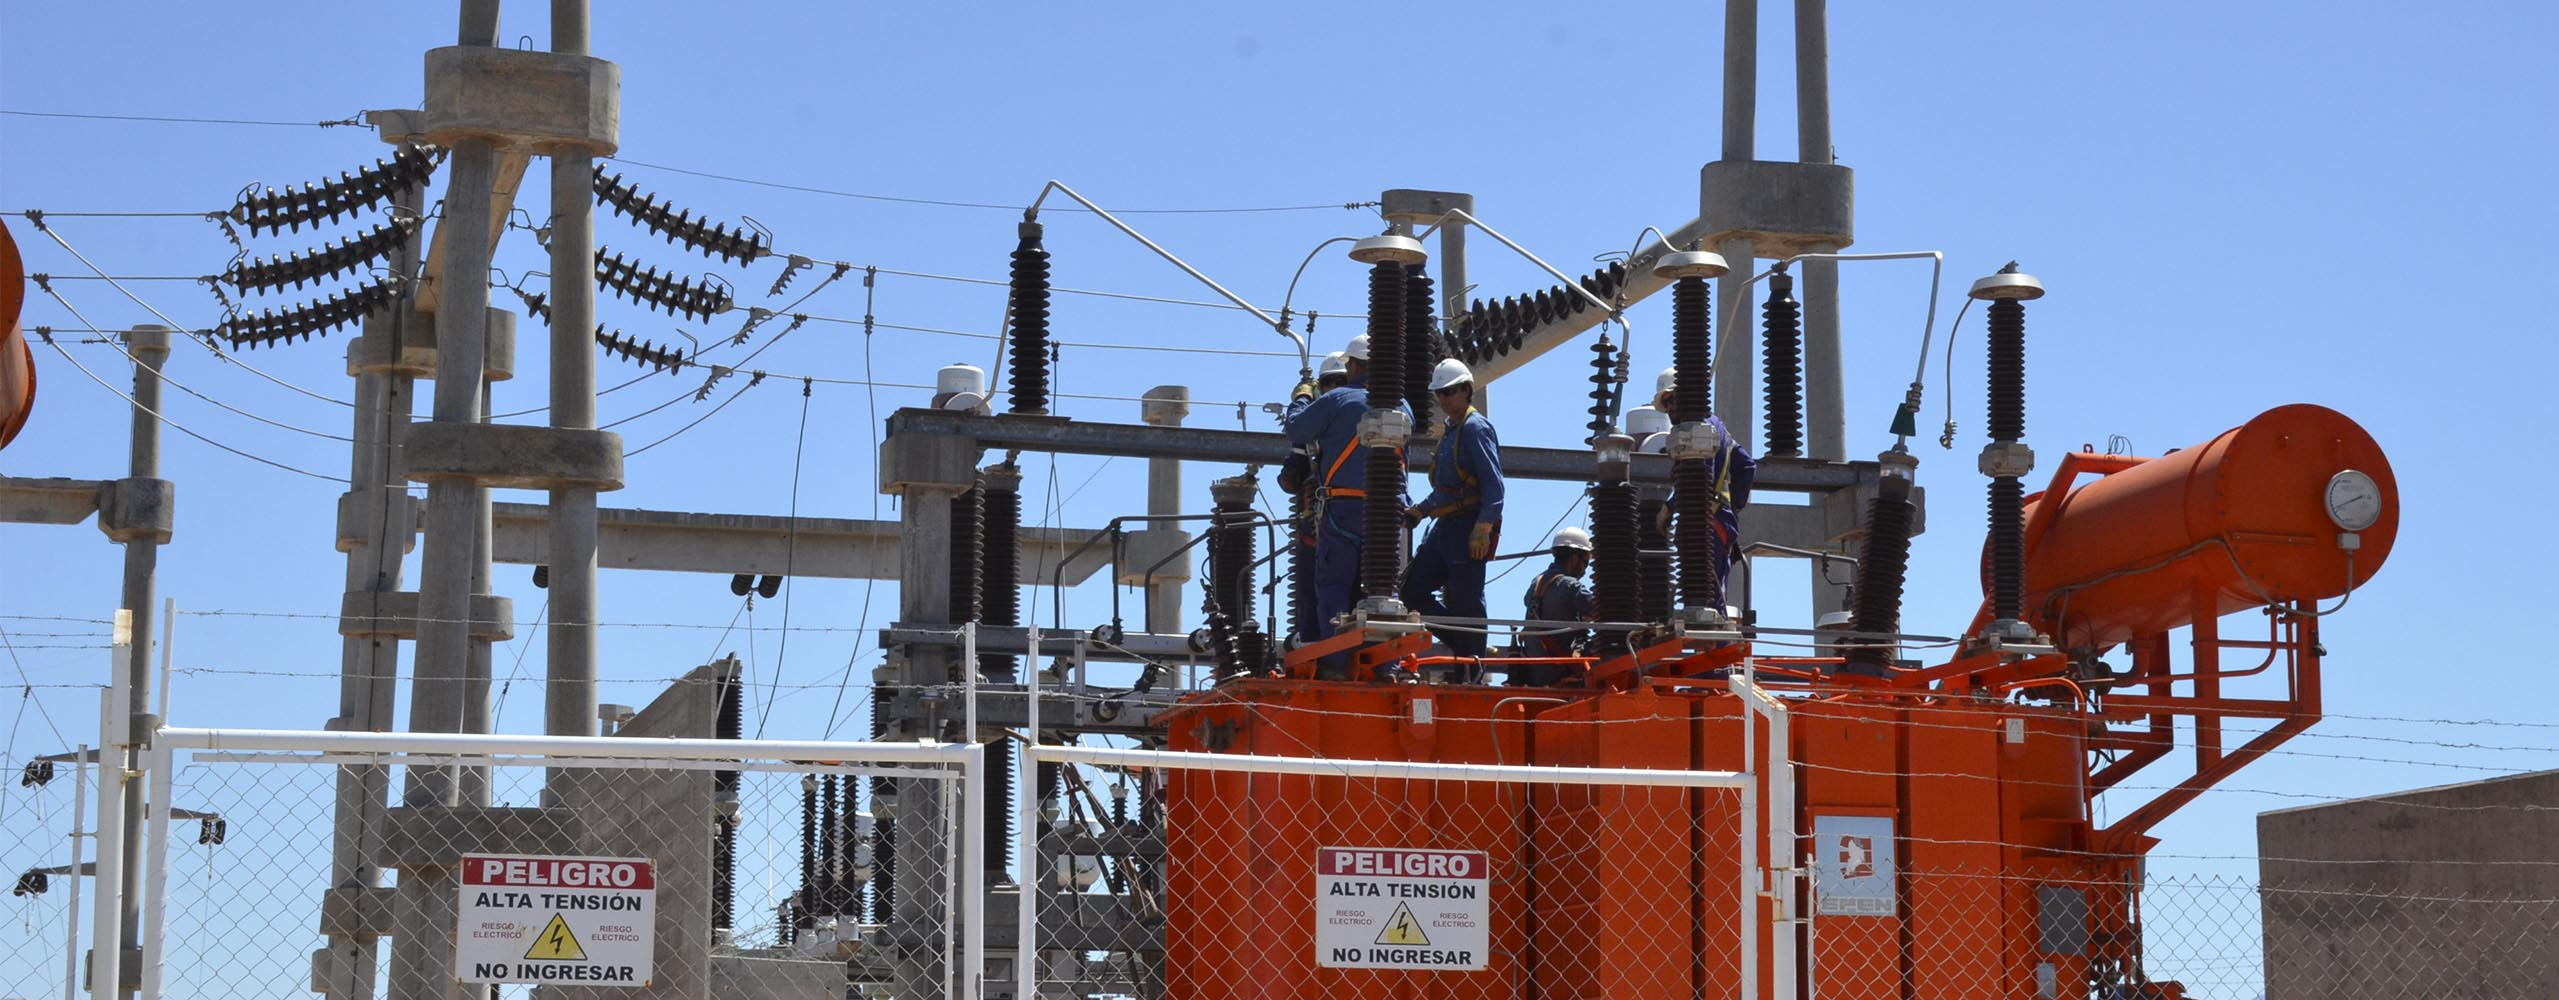 Mantenimiento y corte de energía en Senillosa